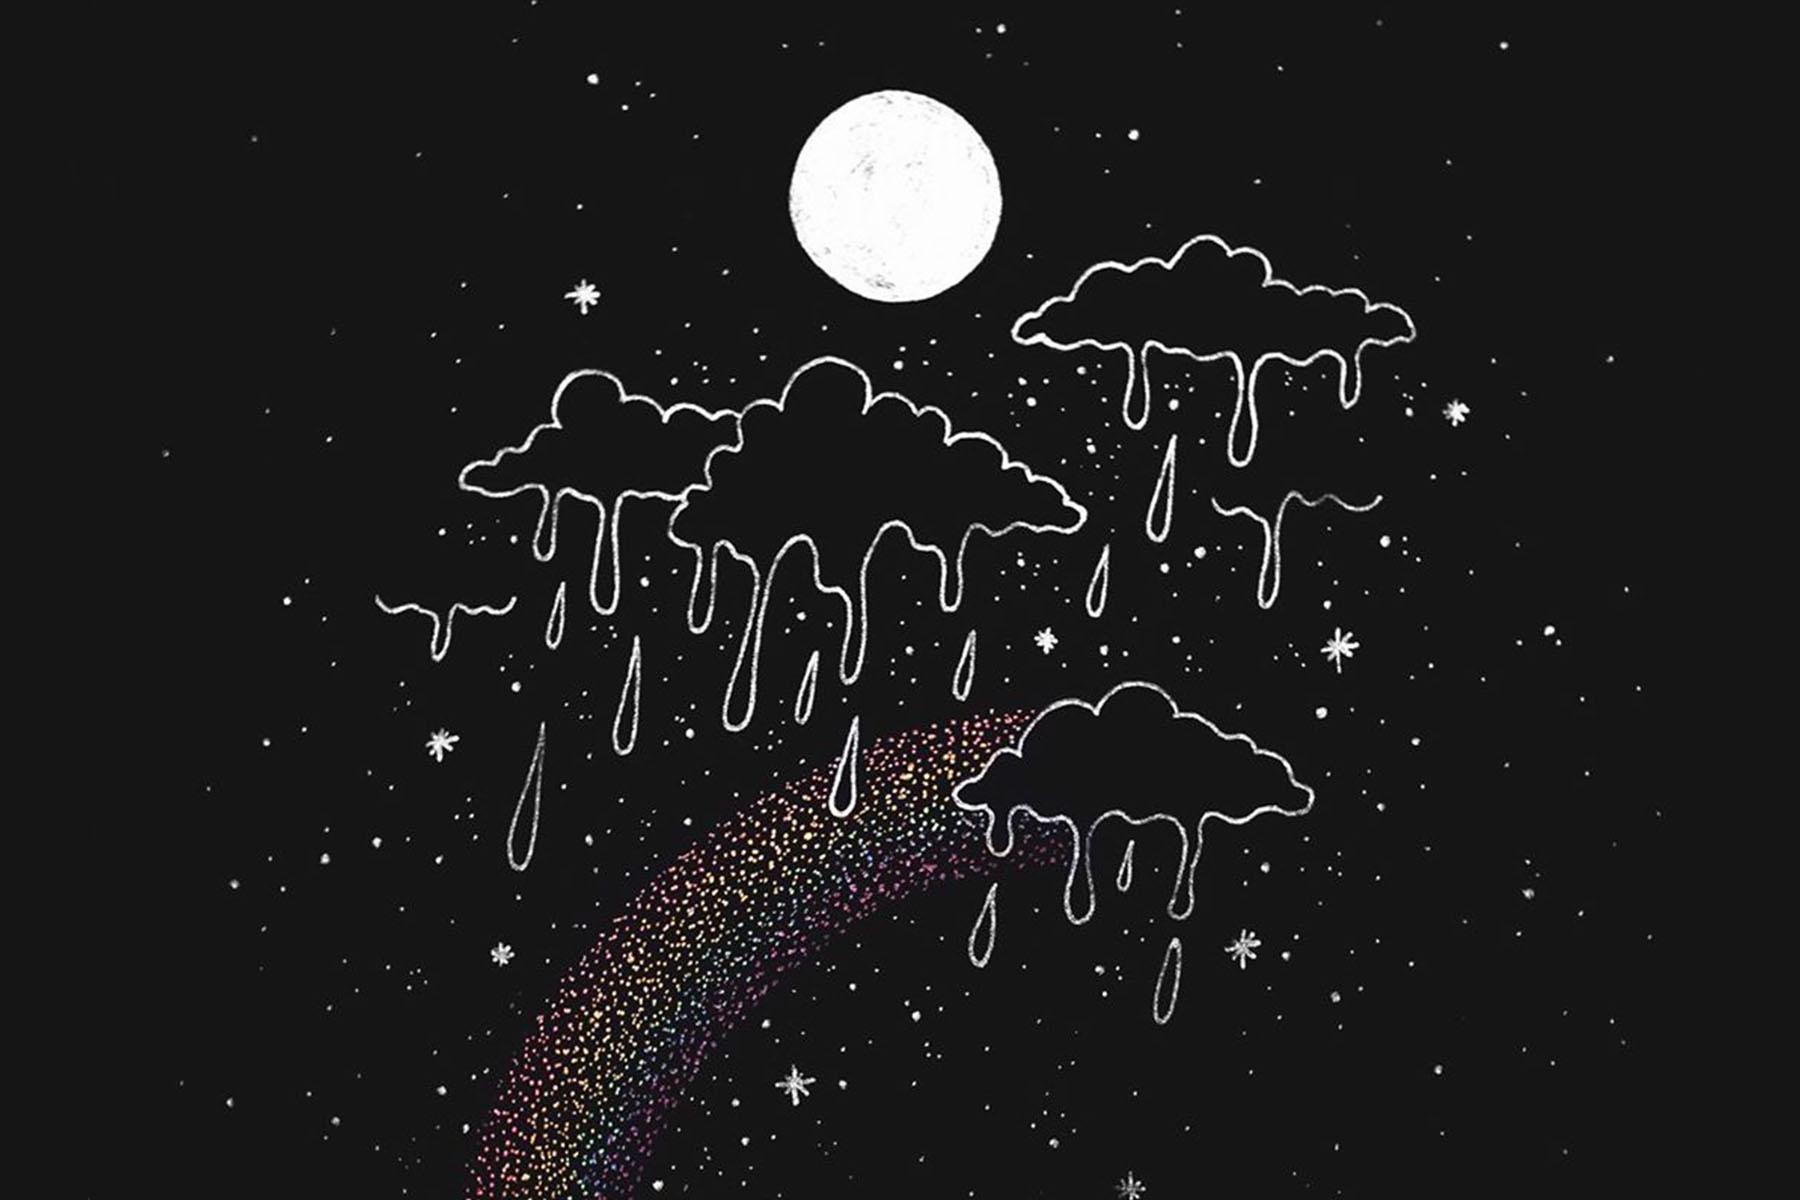 June 2020 Full Moon Lunar Eclipse Horoscopes